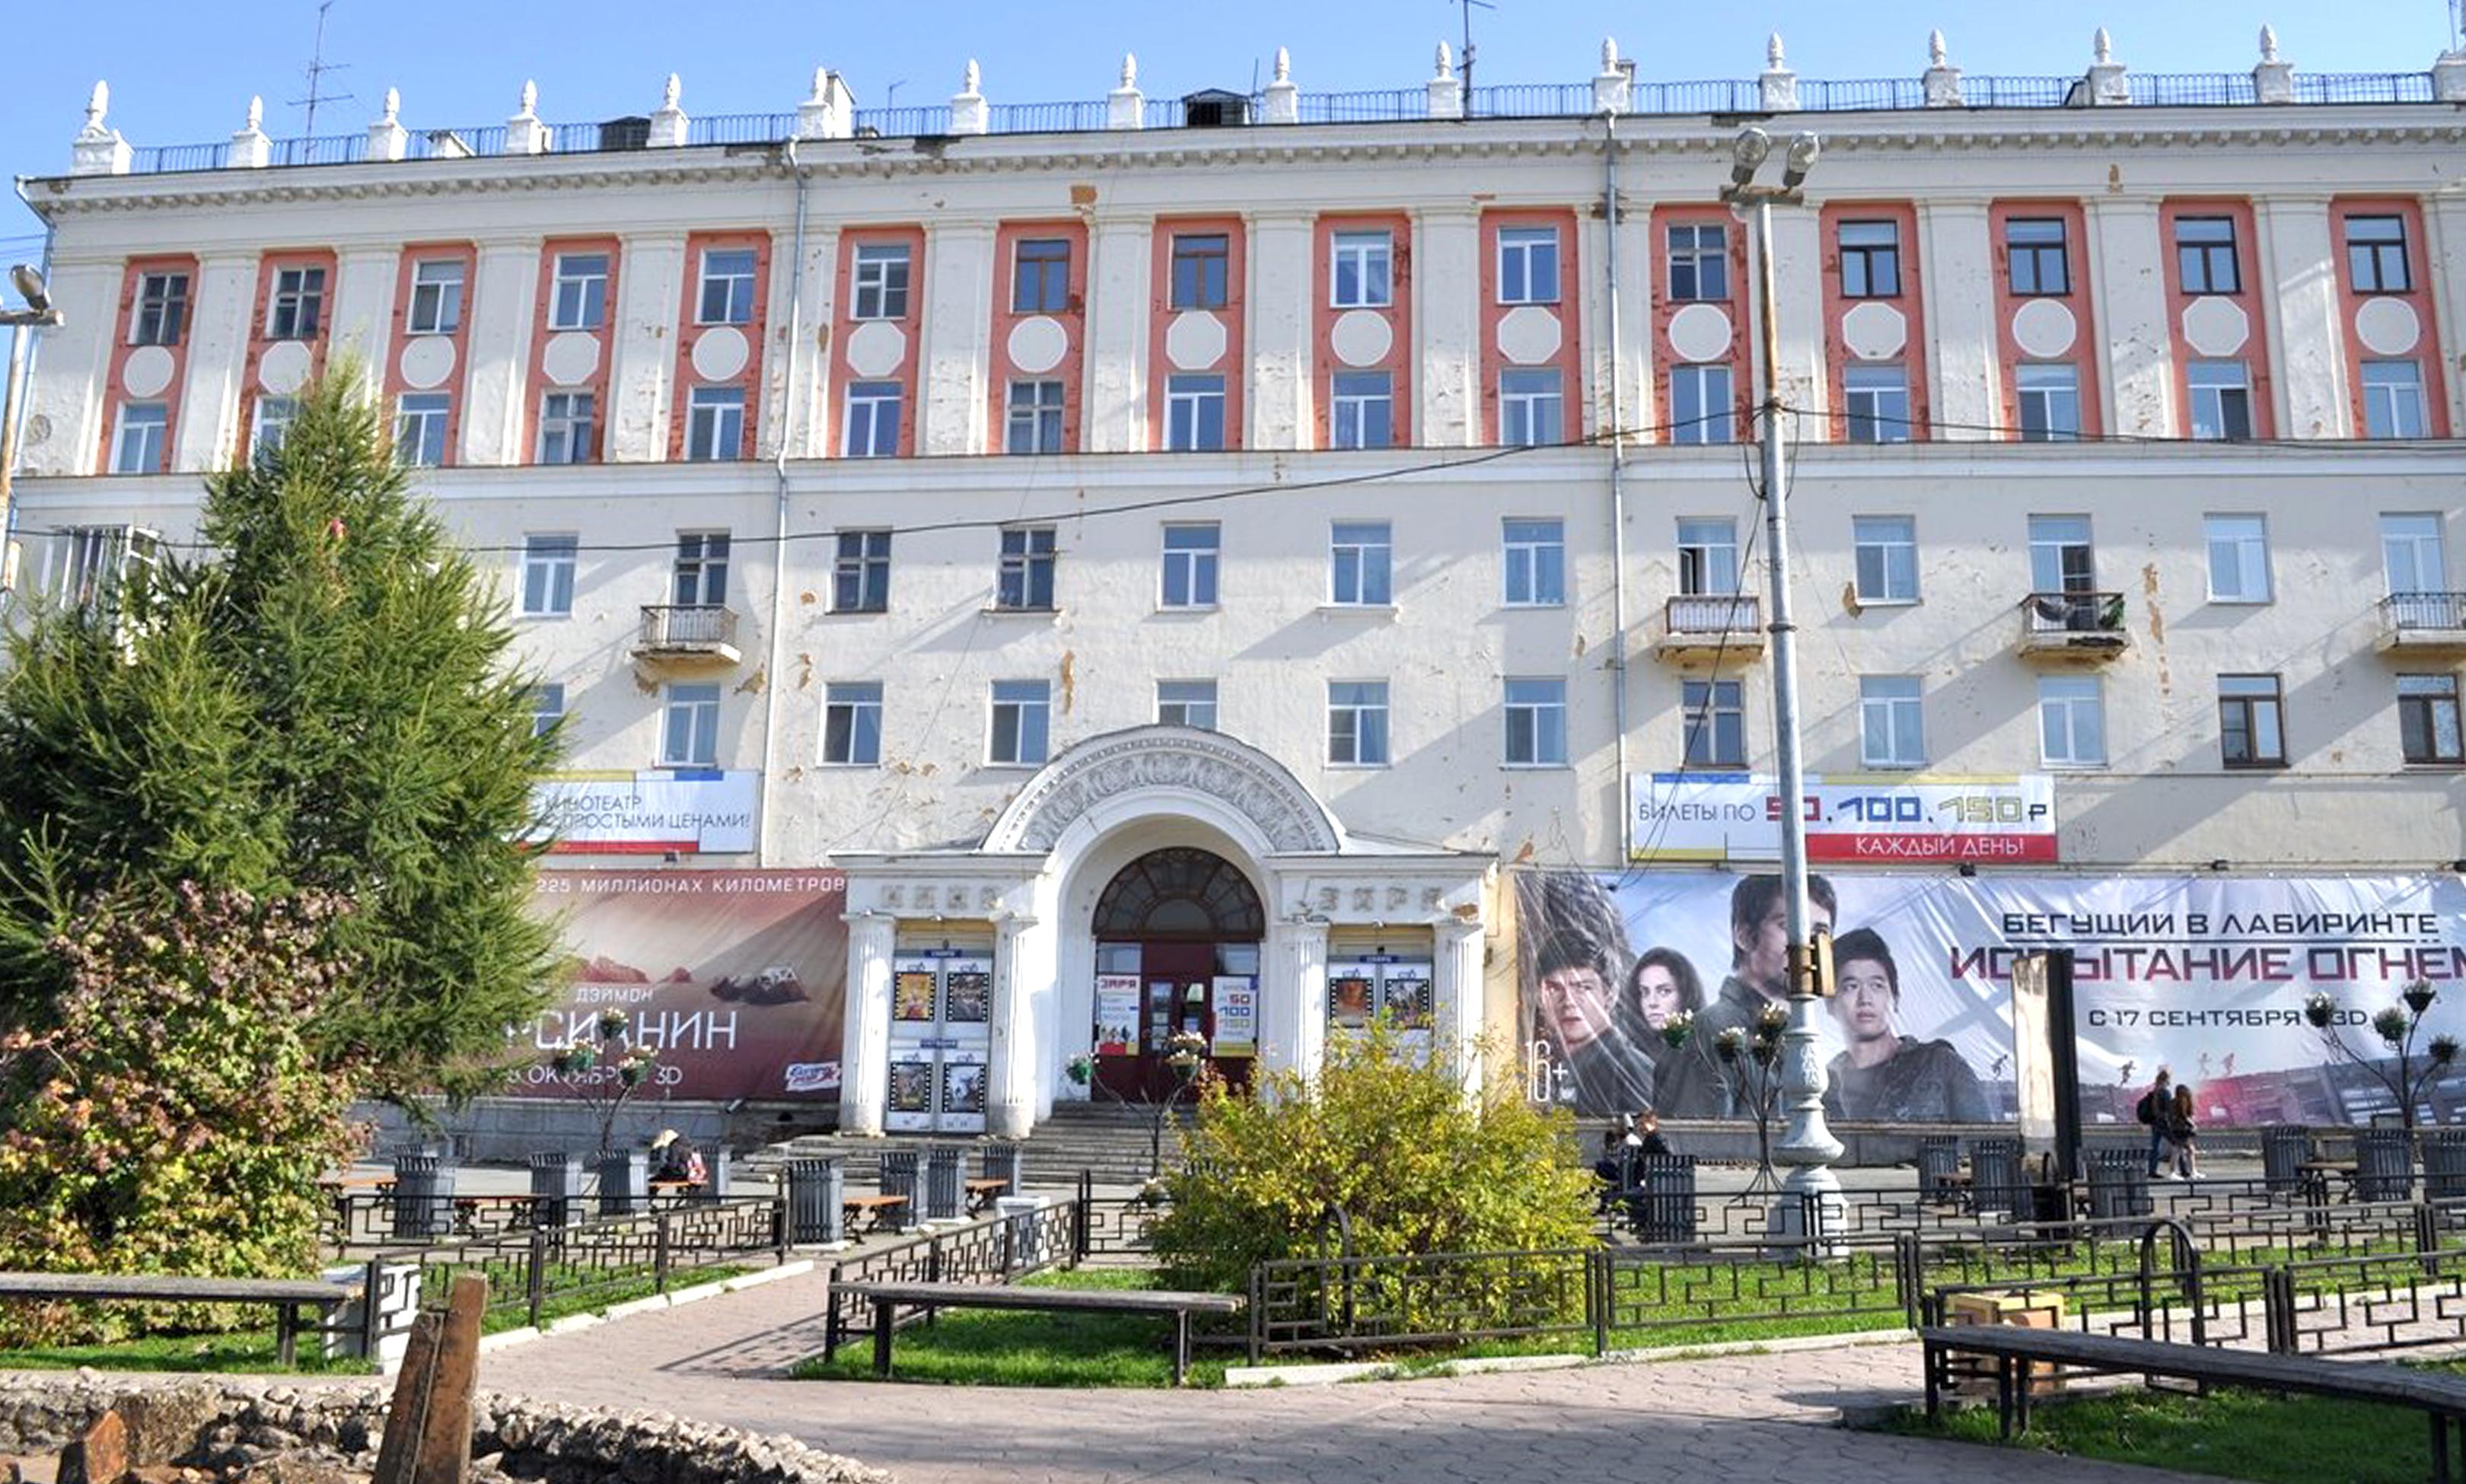 Арт-проекты и встречи с художниками: кинотеатр «Заря» превратится в культурный центр